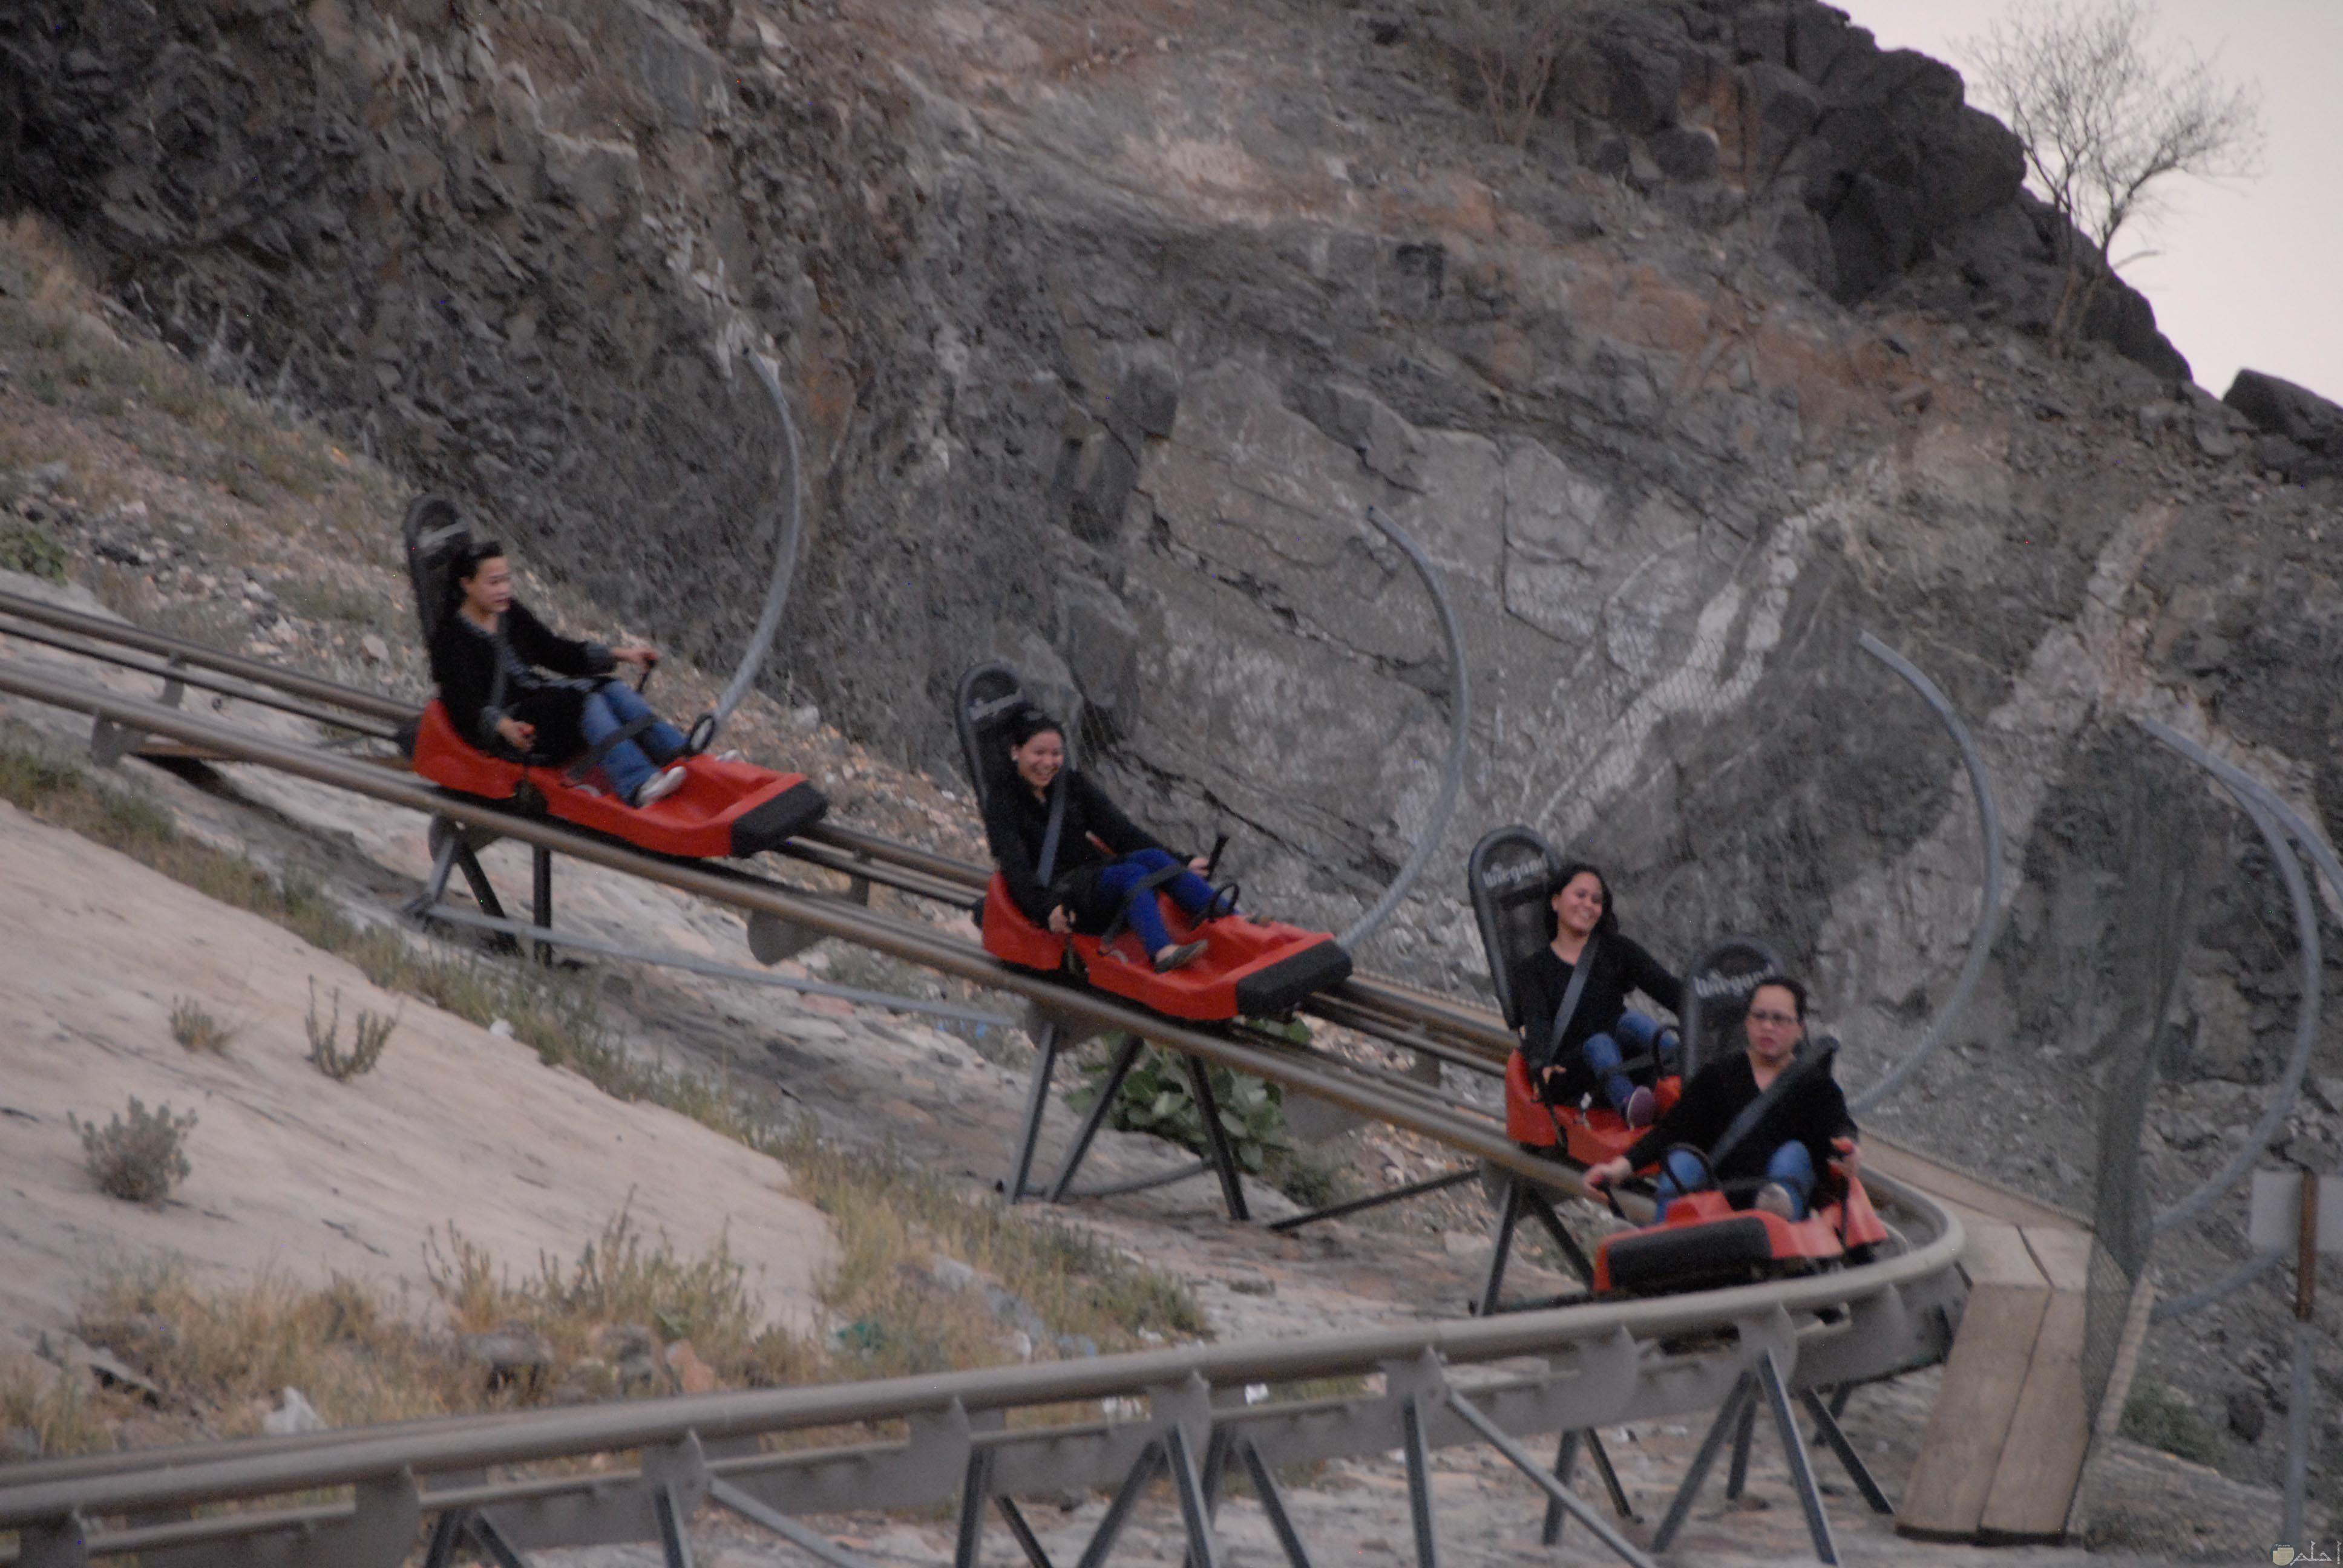 رياضة و متعة الهبوط من الجبال بالزلاجات بالطائف.